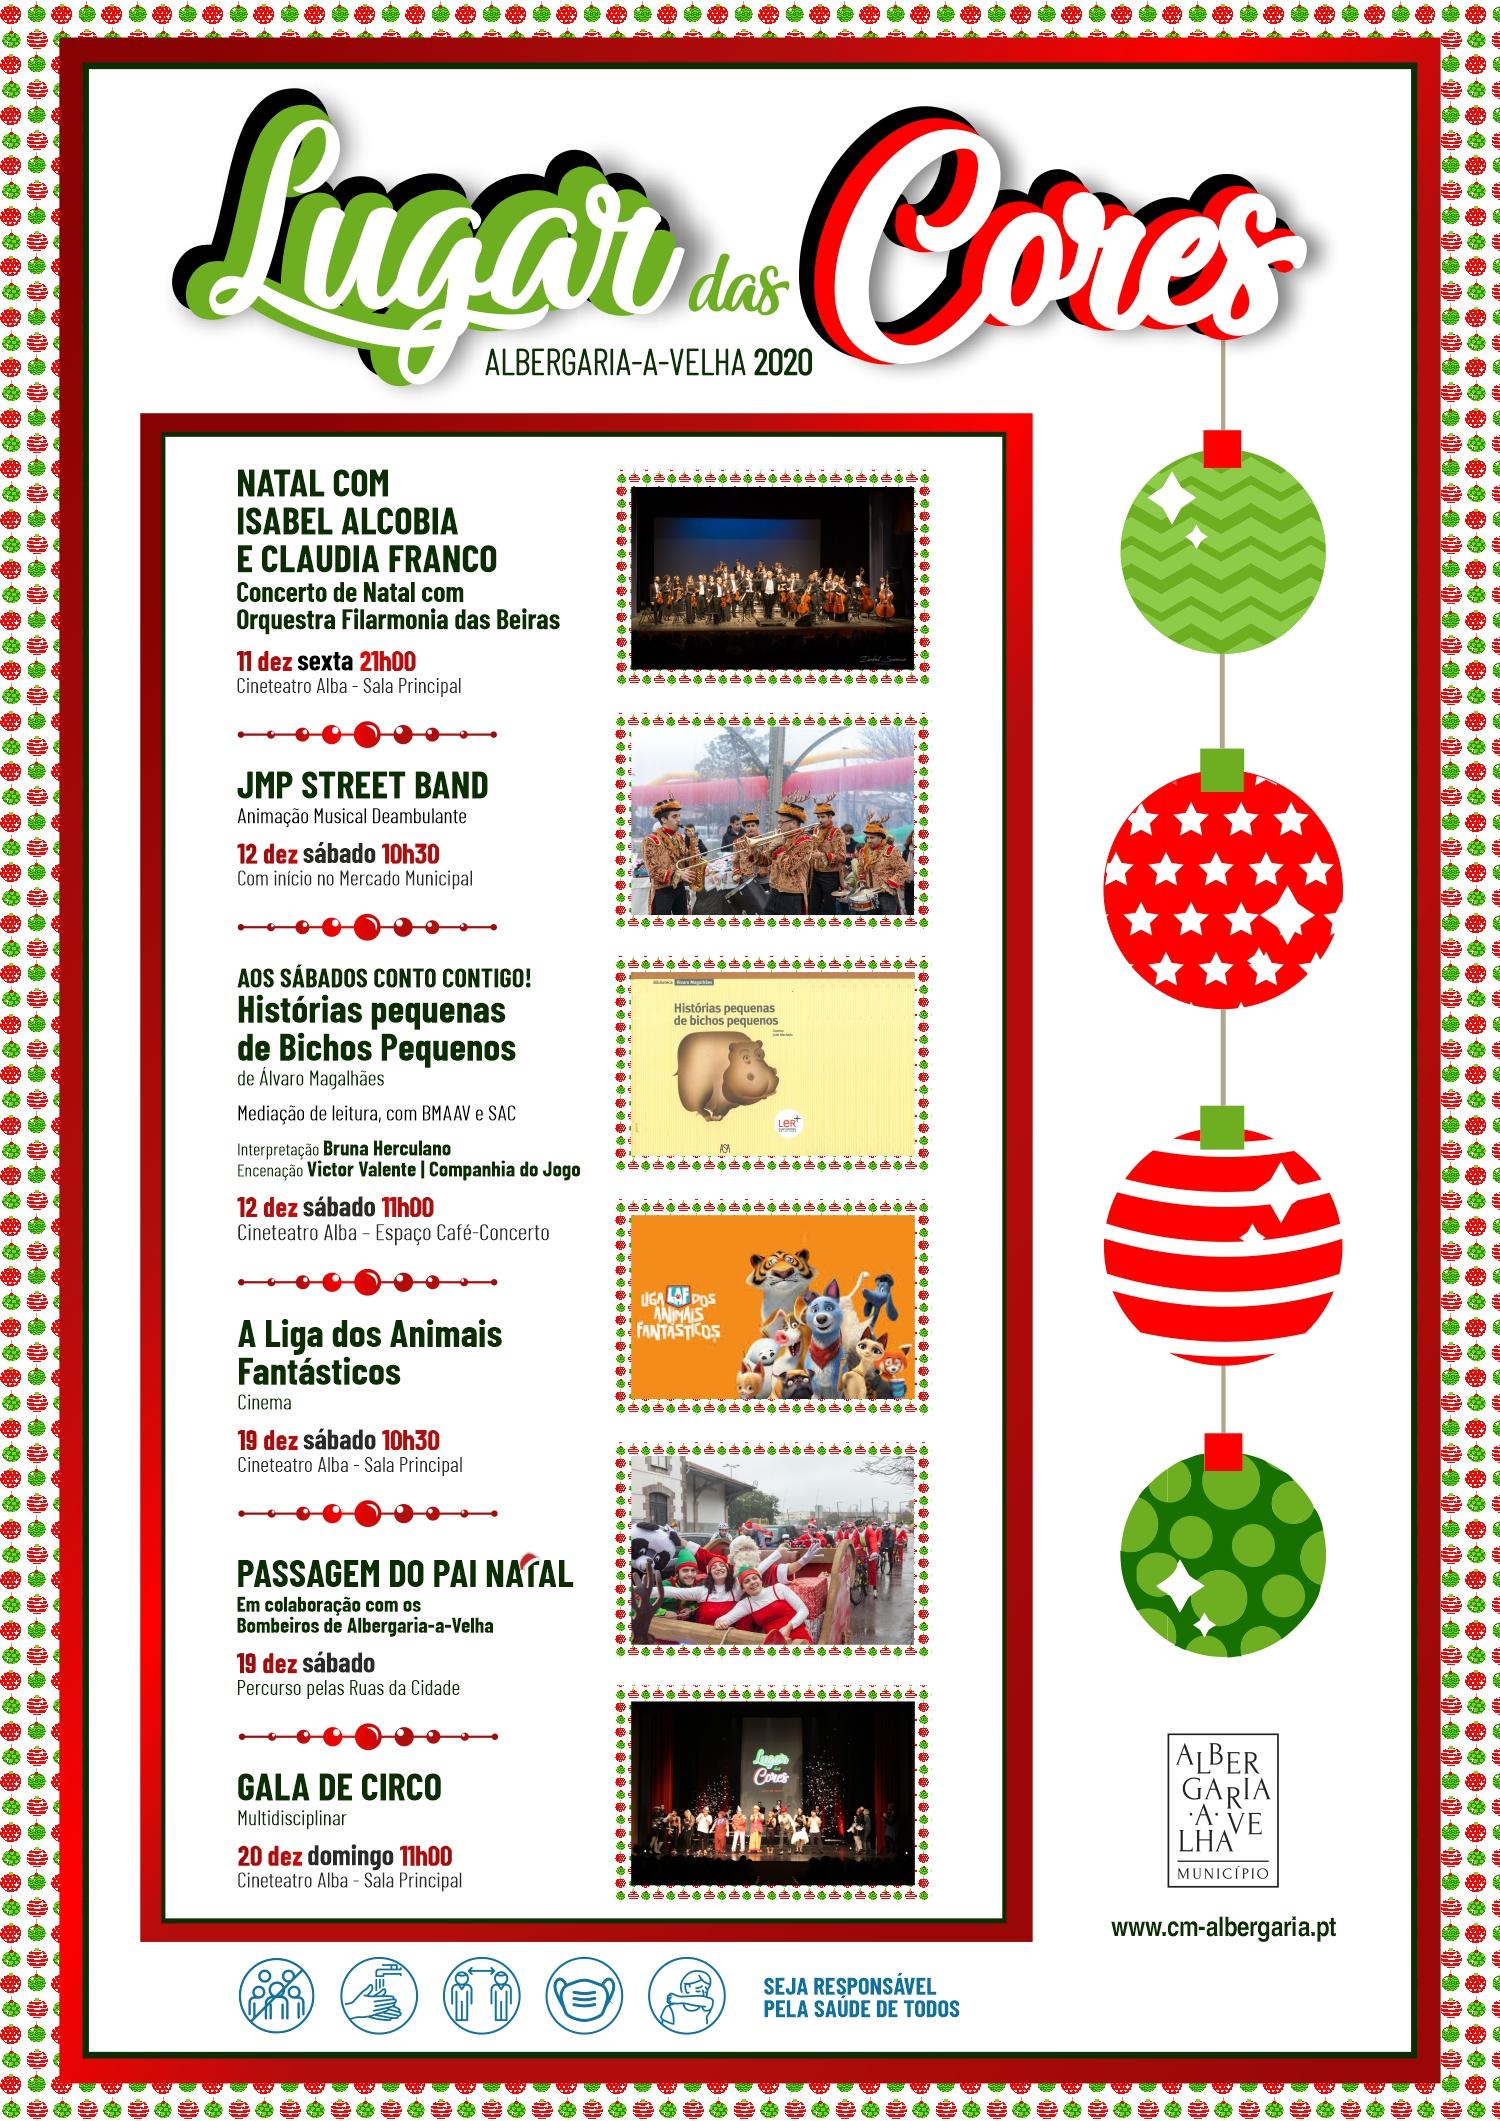 Lugar das Cores traz encanto e alegria à quadra natalícia